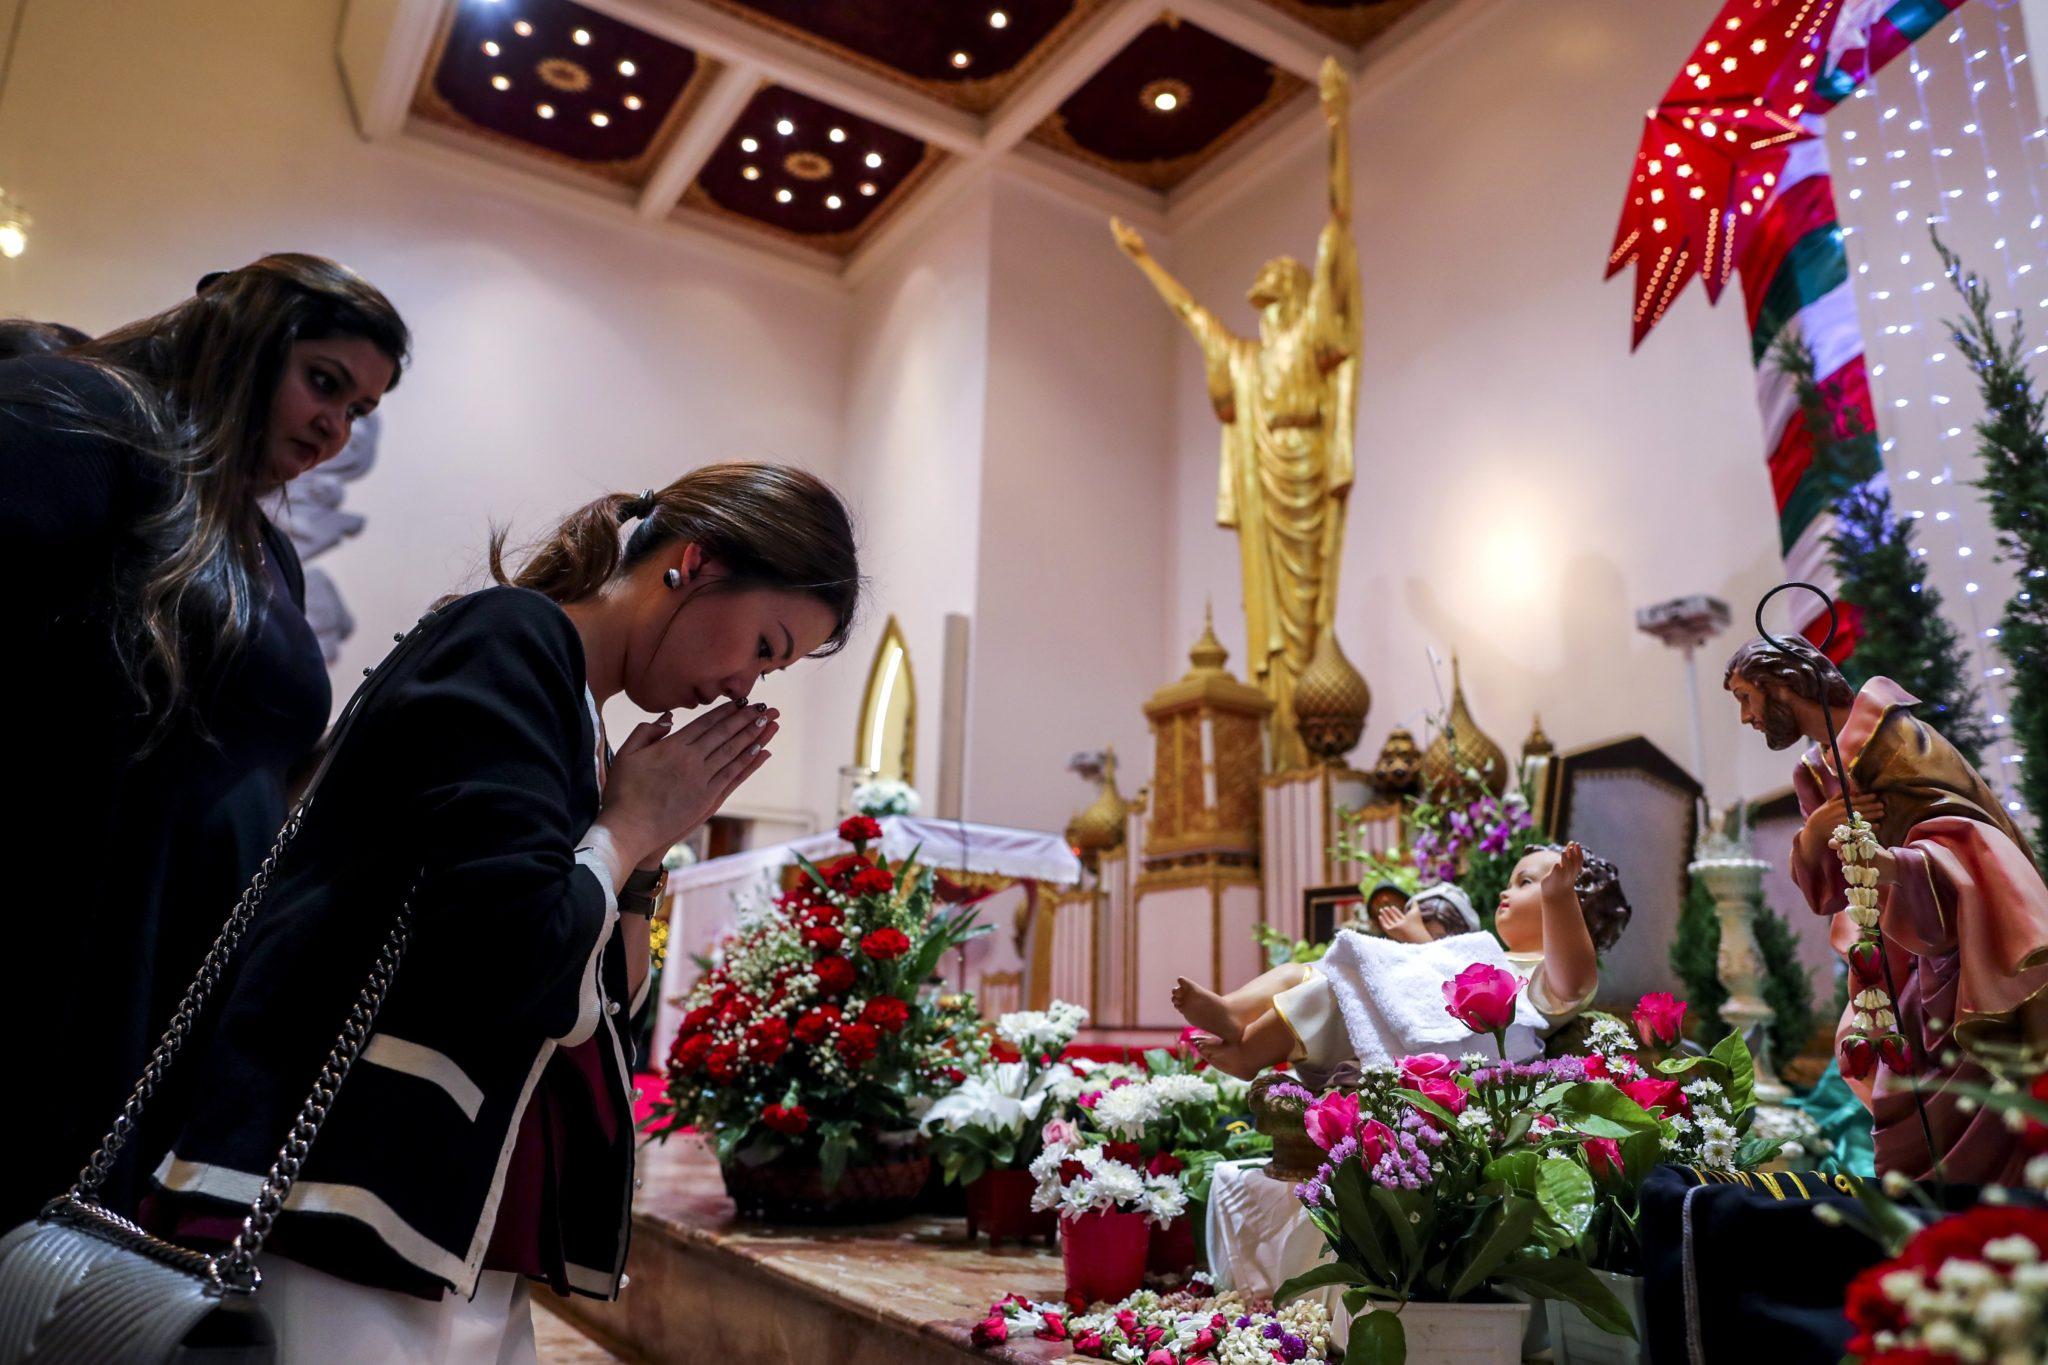 Tajlandia: katolicy na bożonarodzeniowym nabożeństwie, fot: Fot: Diego Azubel, PAP/EPA